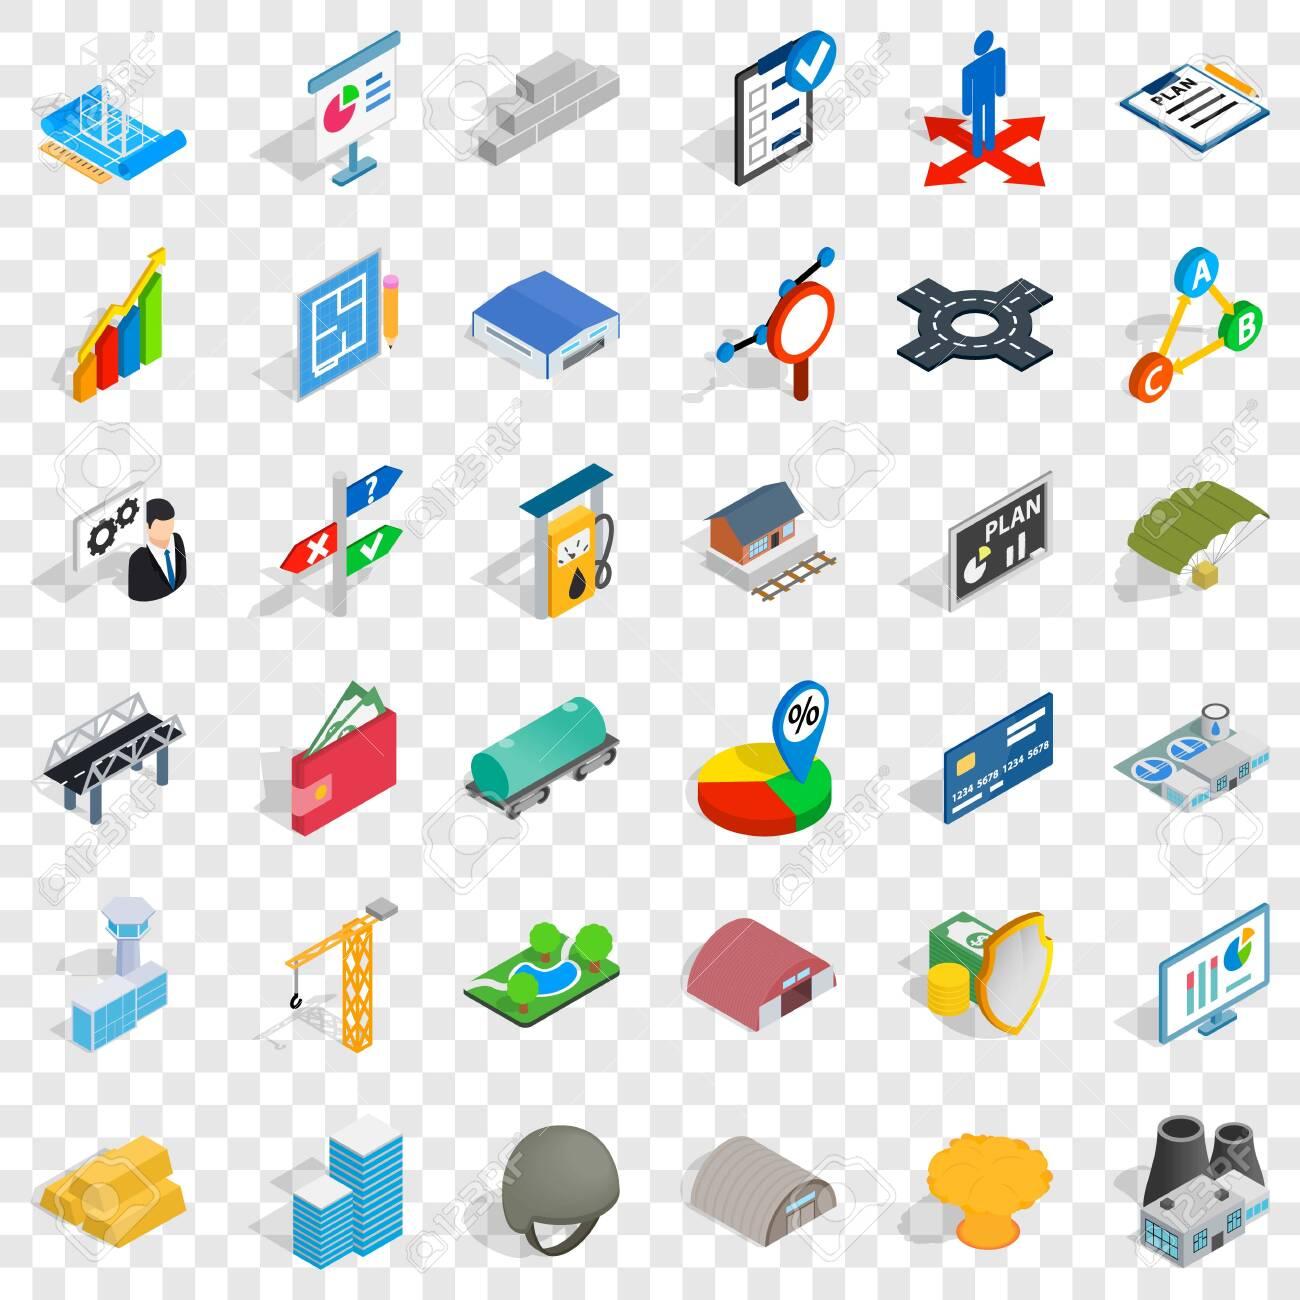 Gas station icons set, isometric style - 126764163